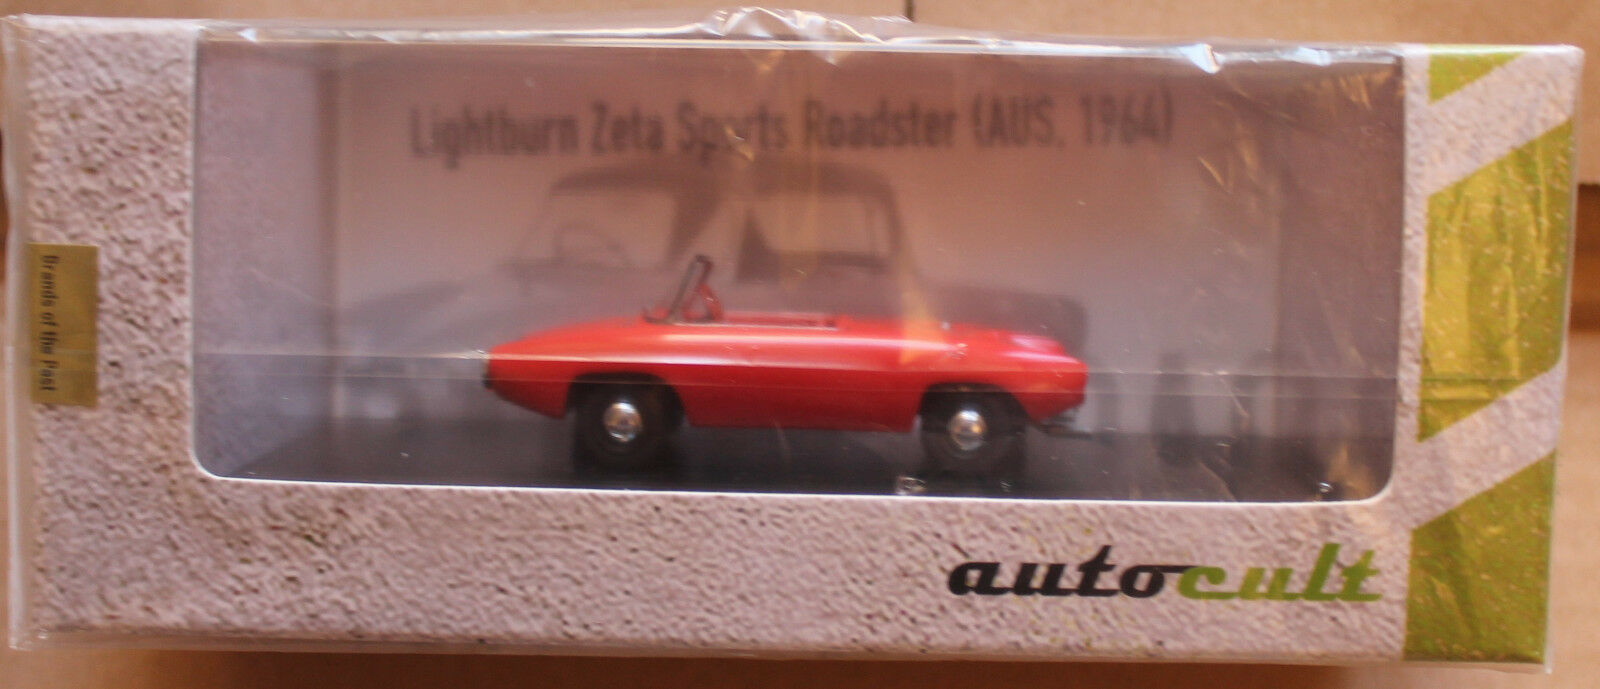 Autocult 1 43  02005 lightburn zeta - sport von 1961